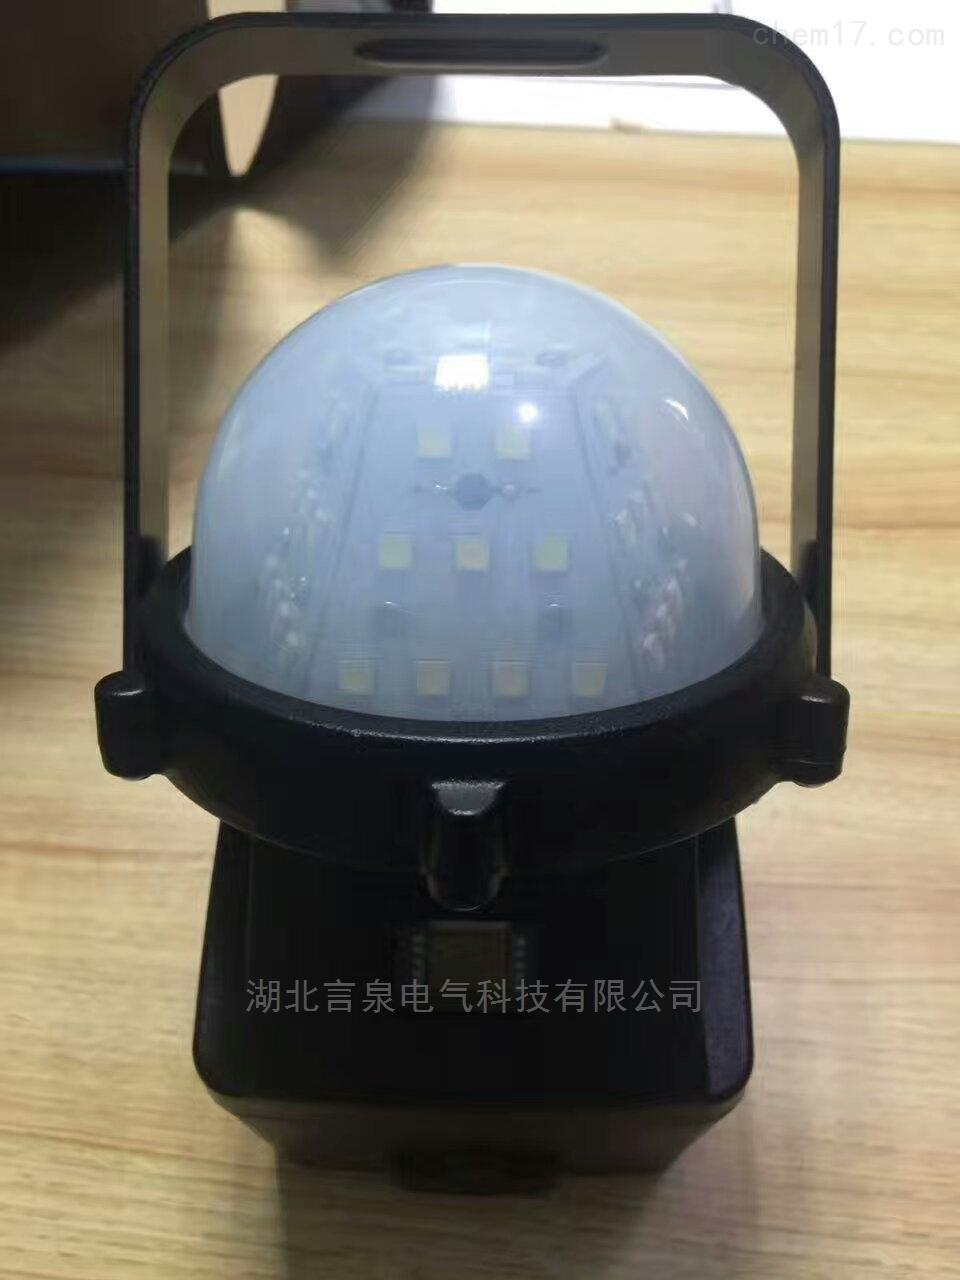 湖南SD7218便捷式多功能防爆手提汽车检修灯